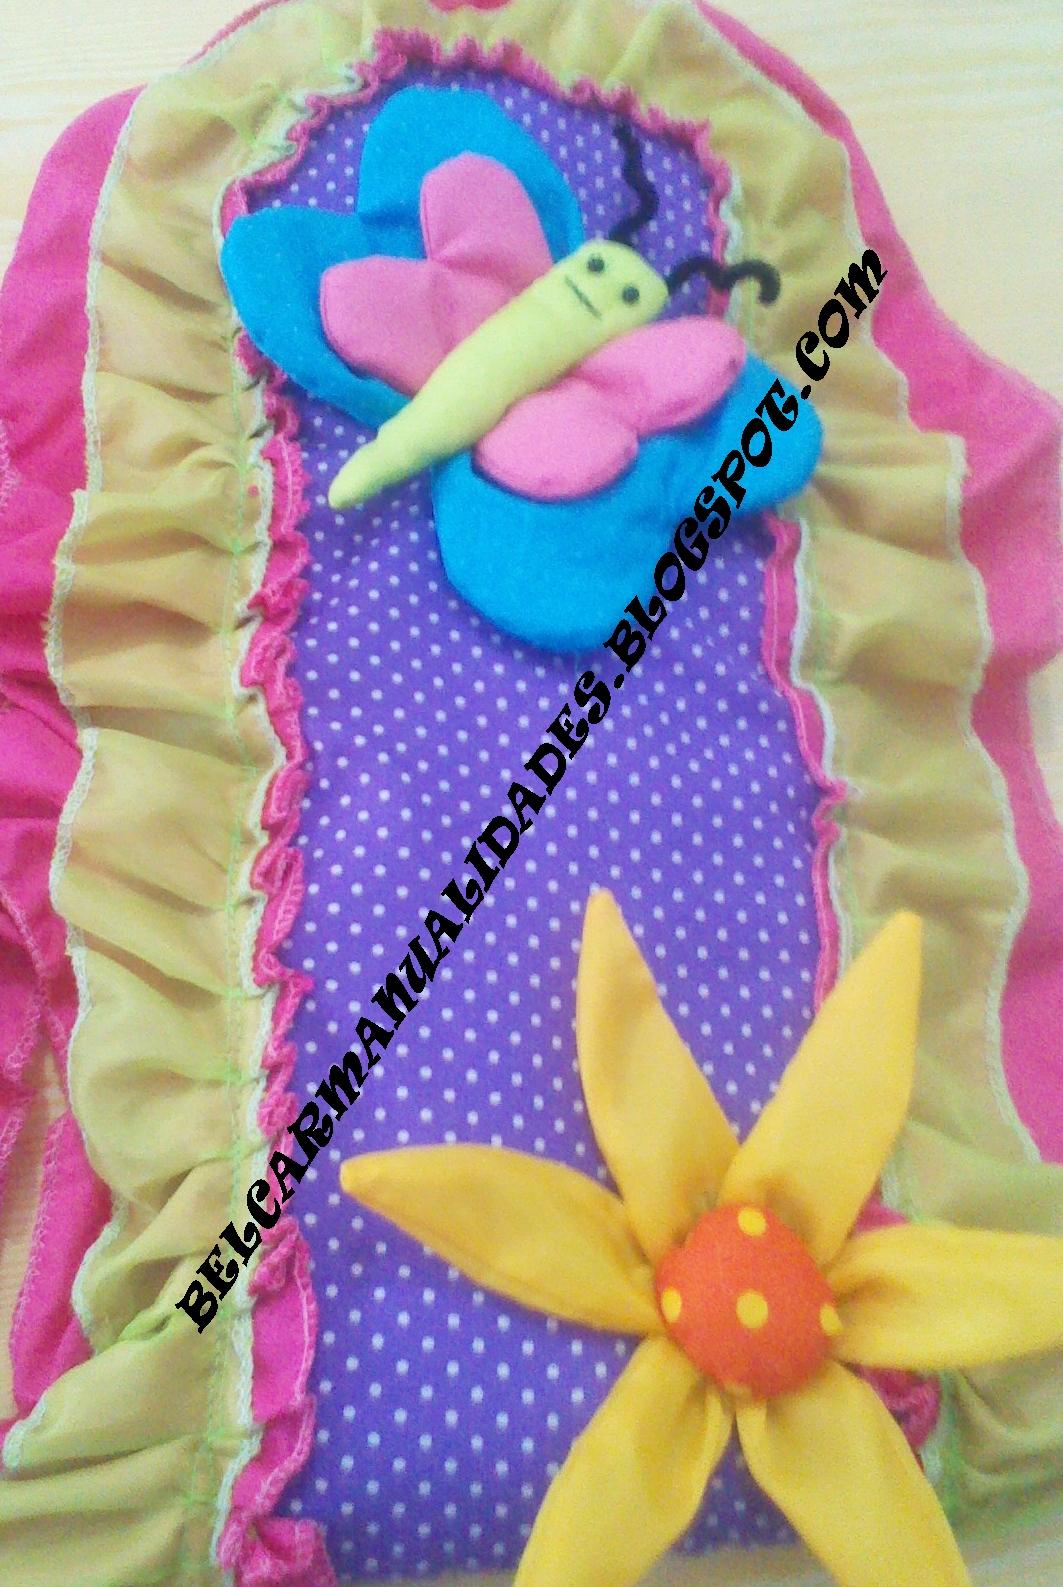 Juegos De Baño Con Girasoles:ROLIN@: JUEGO DE BAÑO DE GIRASOLES Y MARIPOSAS